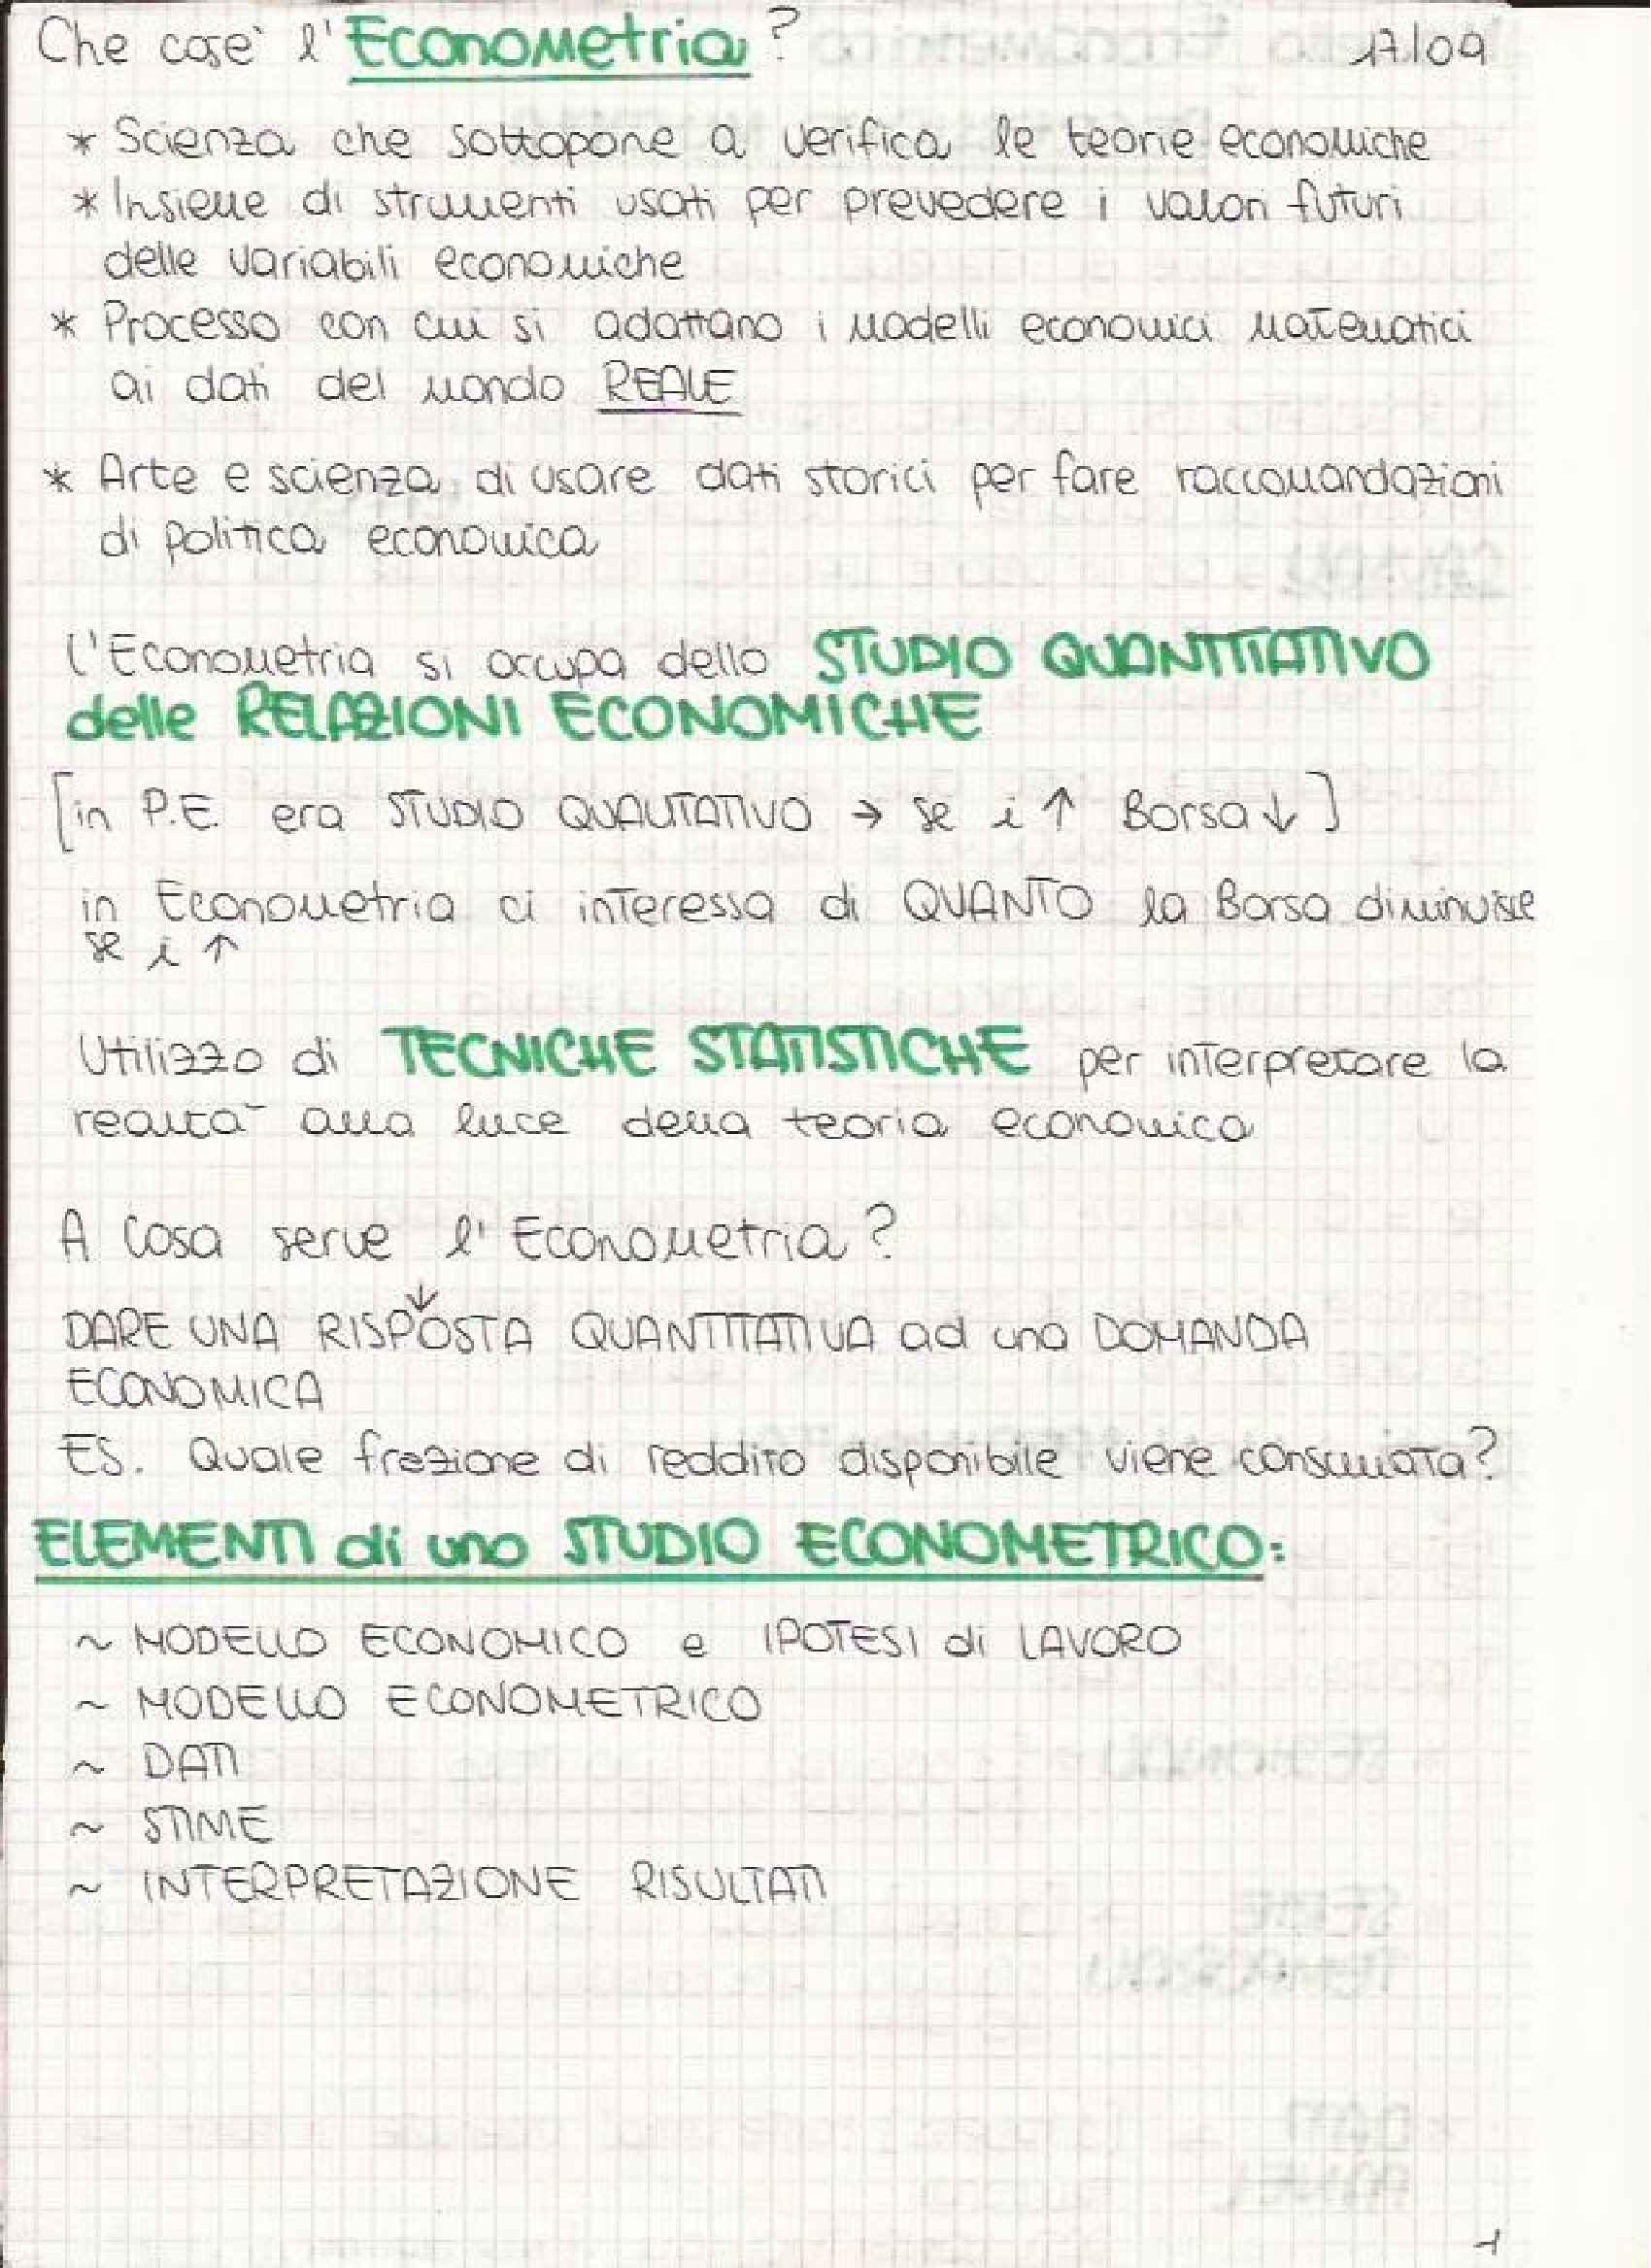 Econometria - Appunti